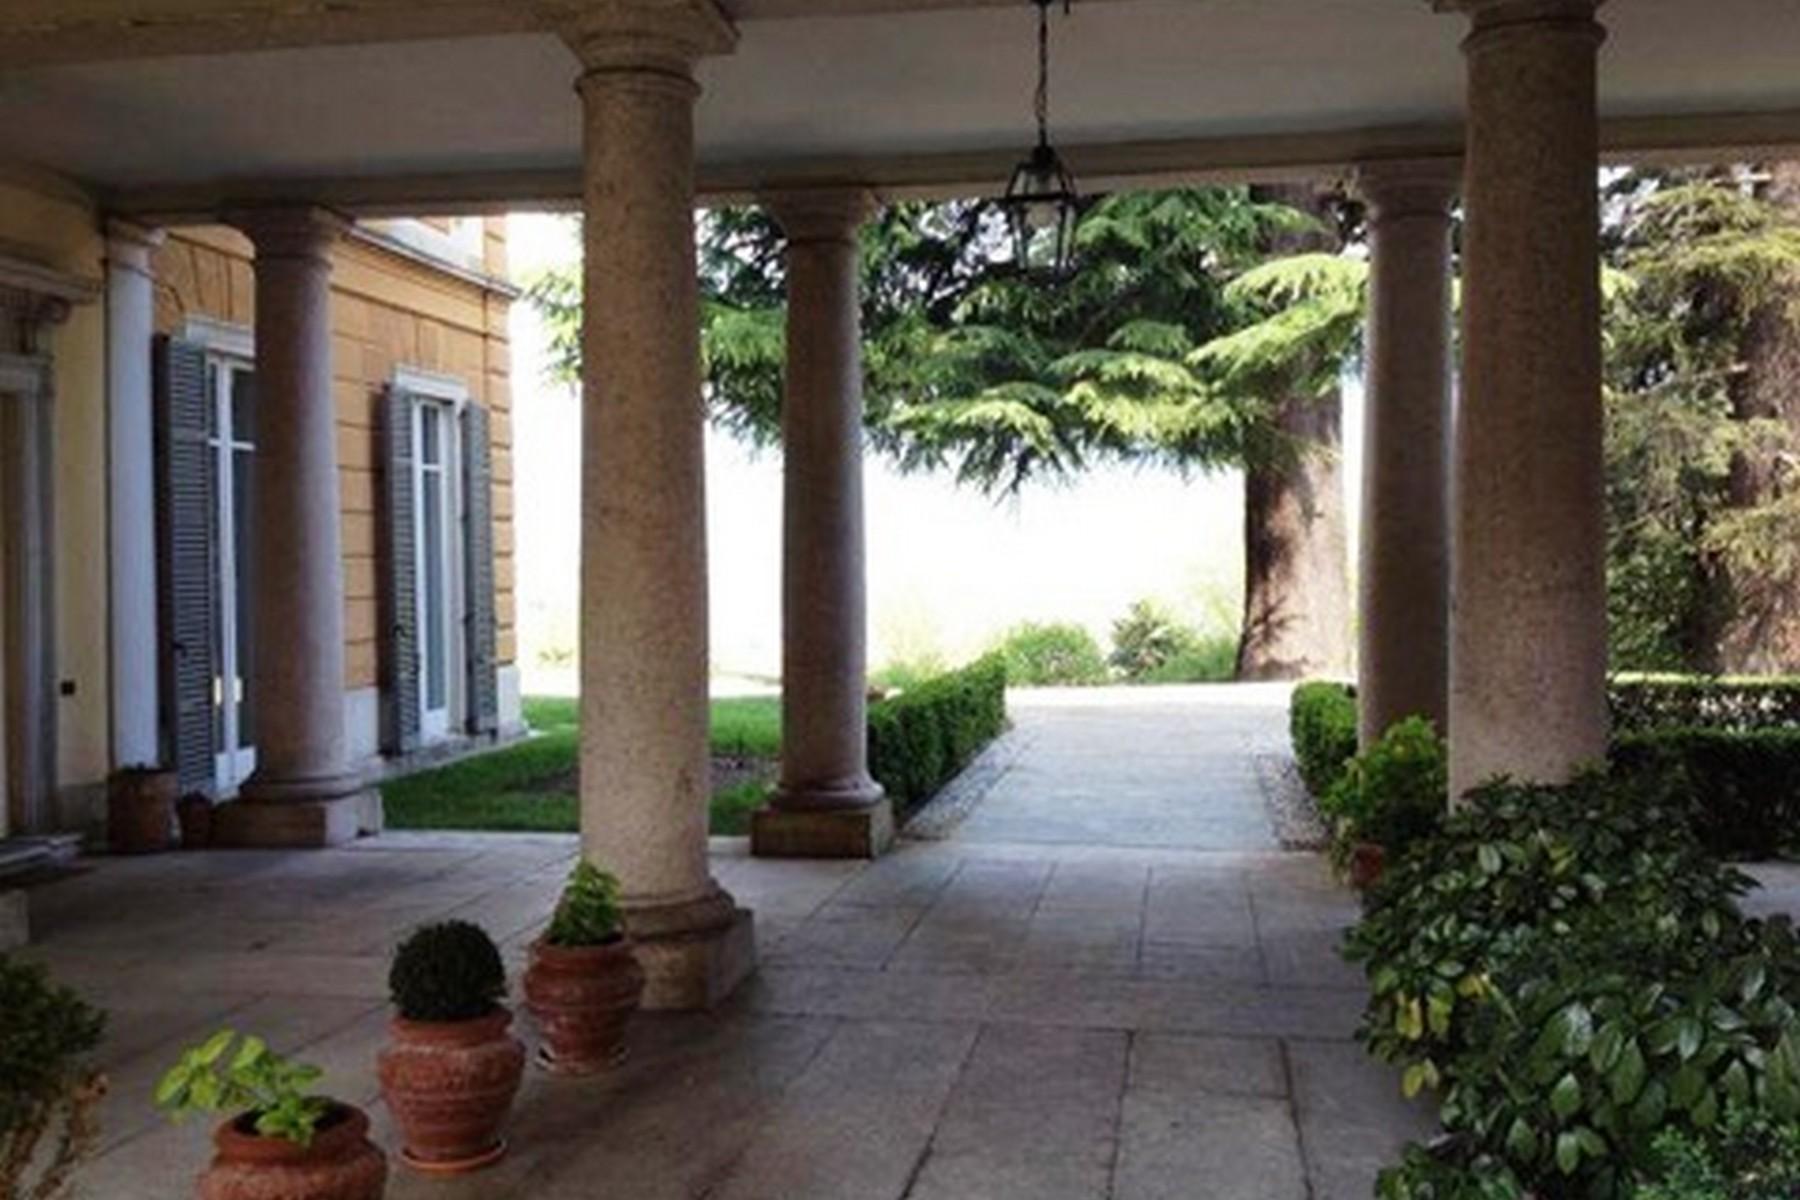 Casa indipendente in Vendita a Como: 5 locali, 180 mq - Foto 7